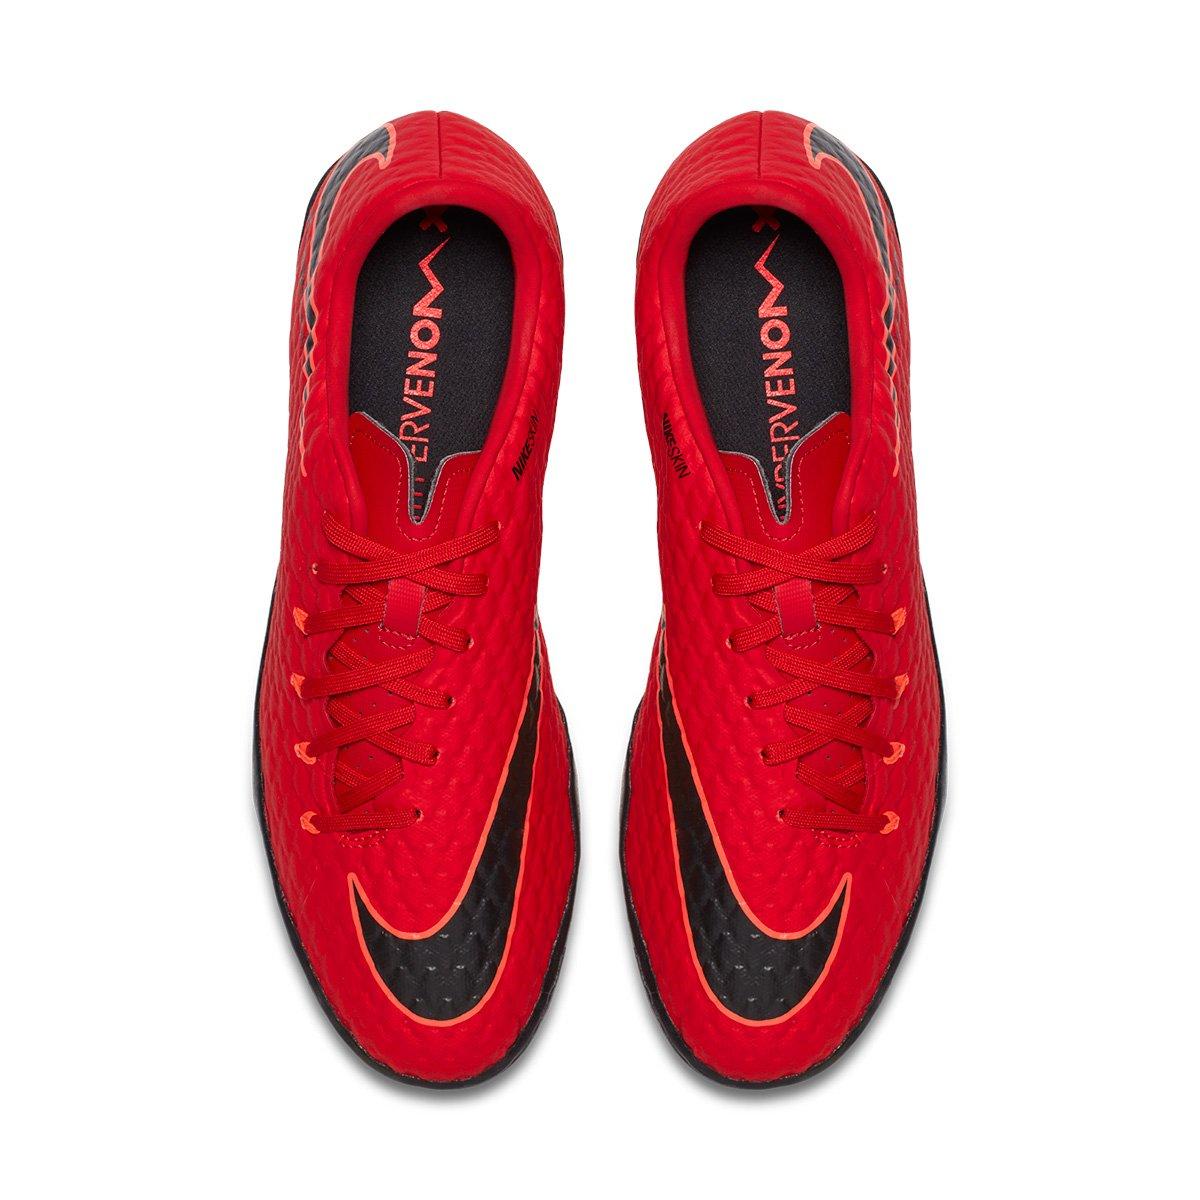 Chuteira Society Nike Hypervenom Phelon 3 TF - Vermelho e Preto ... 7fcc9e1de9f61